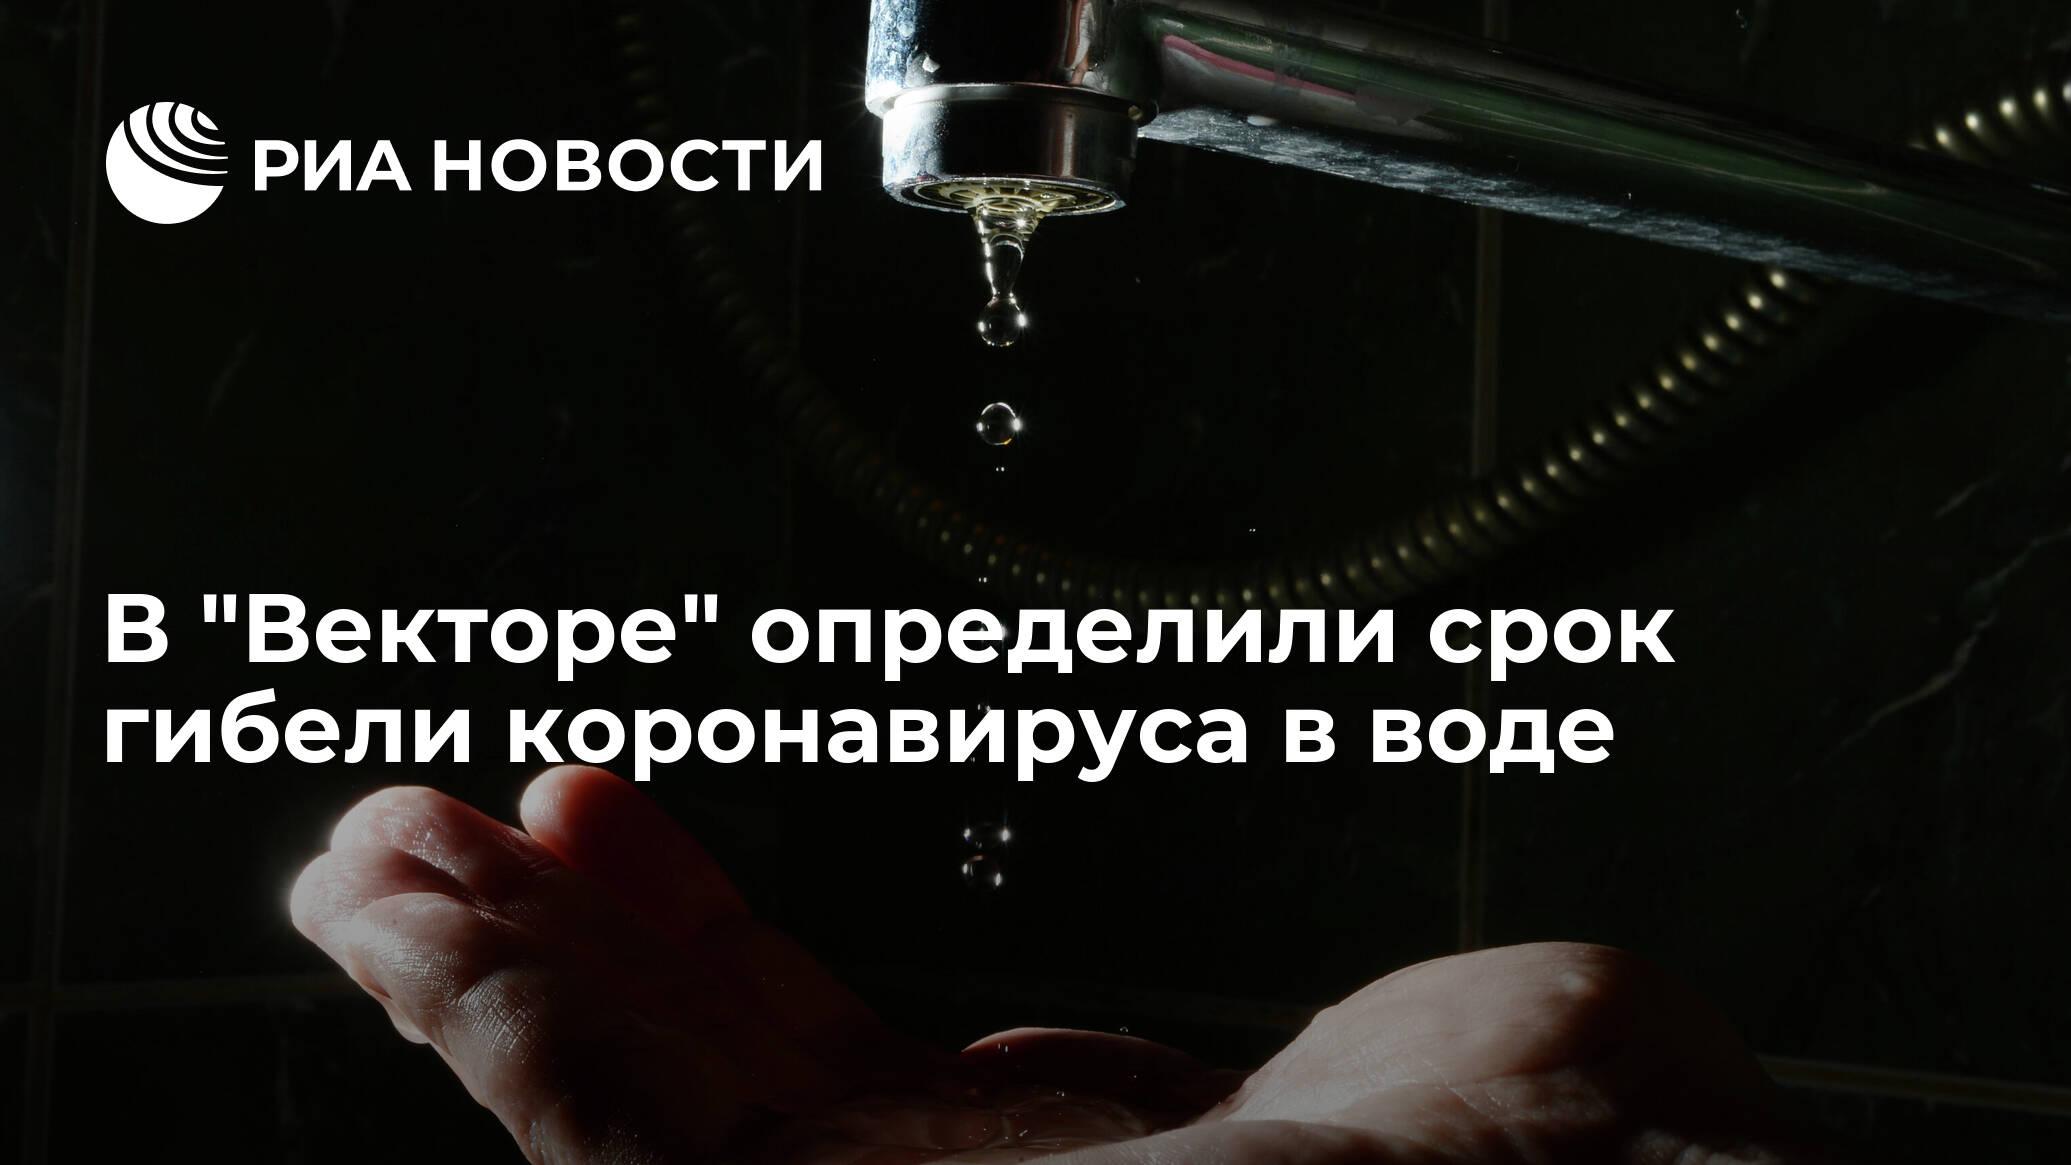 Определен срок, за который коронавирус погибает в воде